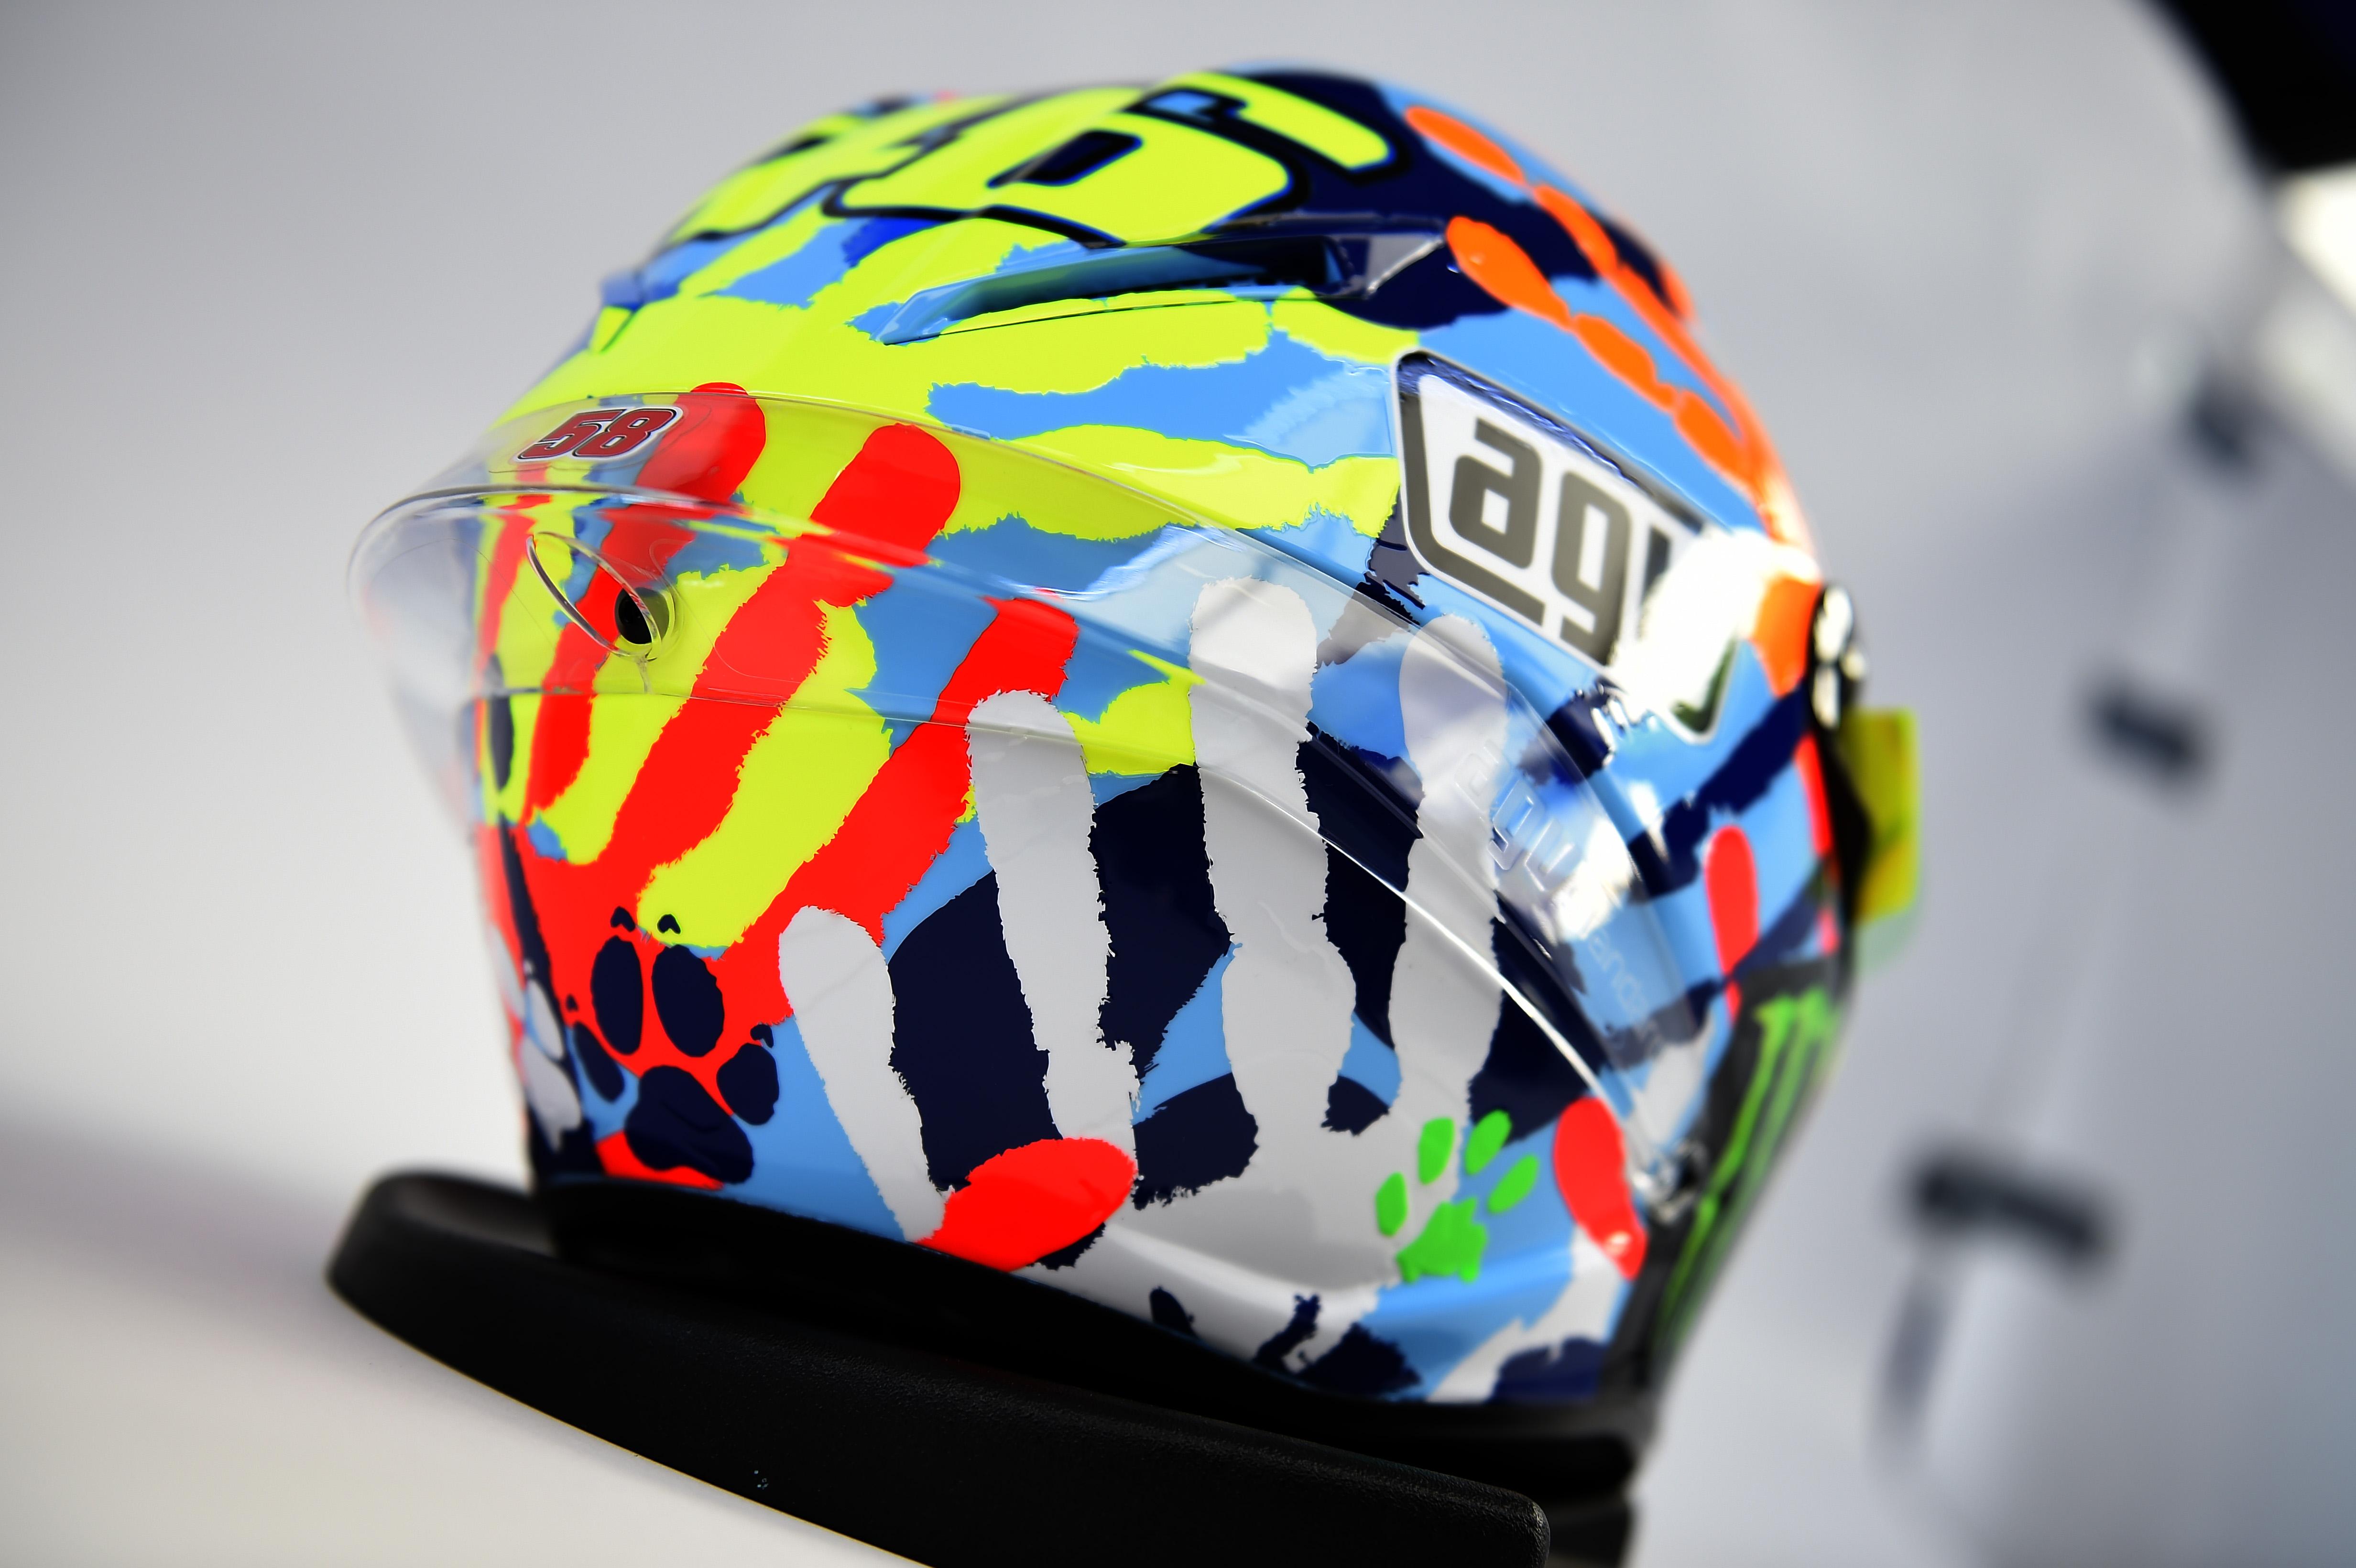 New: AGV Corsa Misano